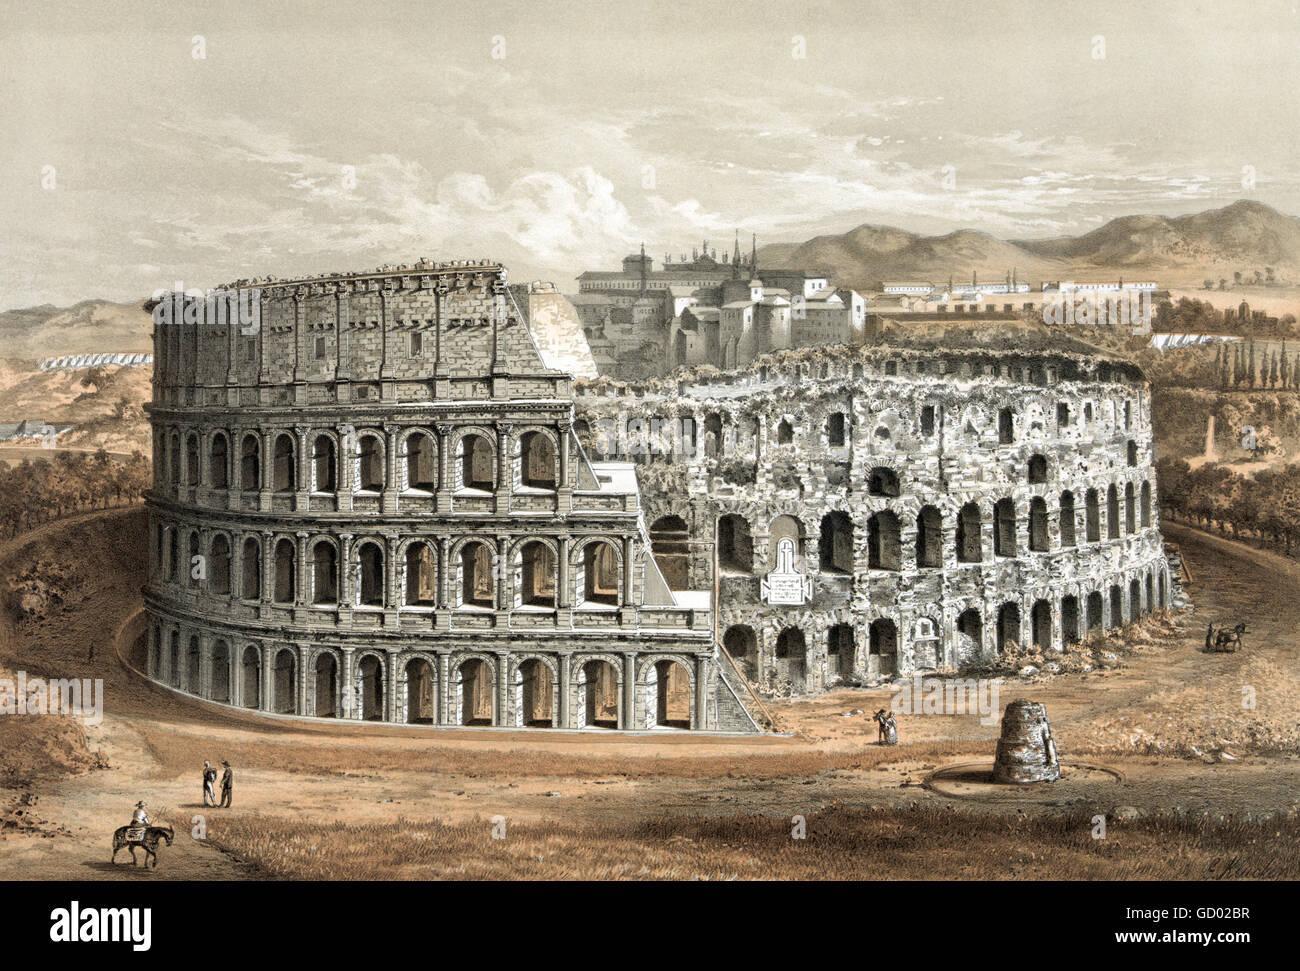 """Colossseum en Roma.siglo xix ilustración mostrando 'estructura original y empeoramiento del estado"""". Imagen De Stock"""